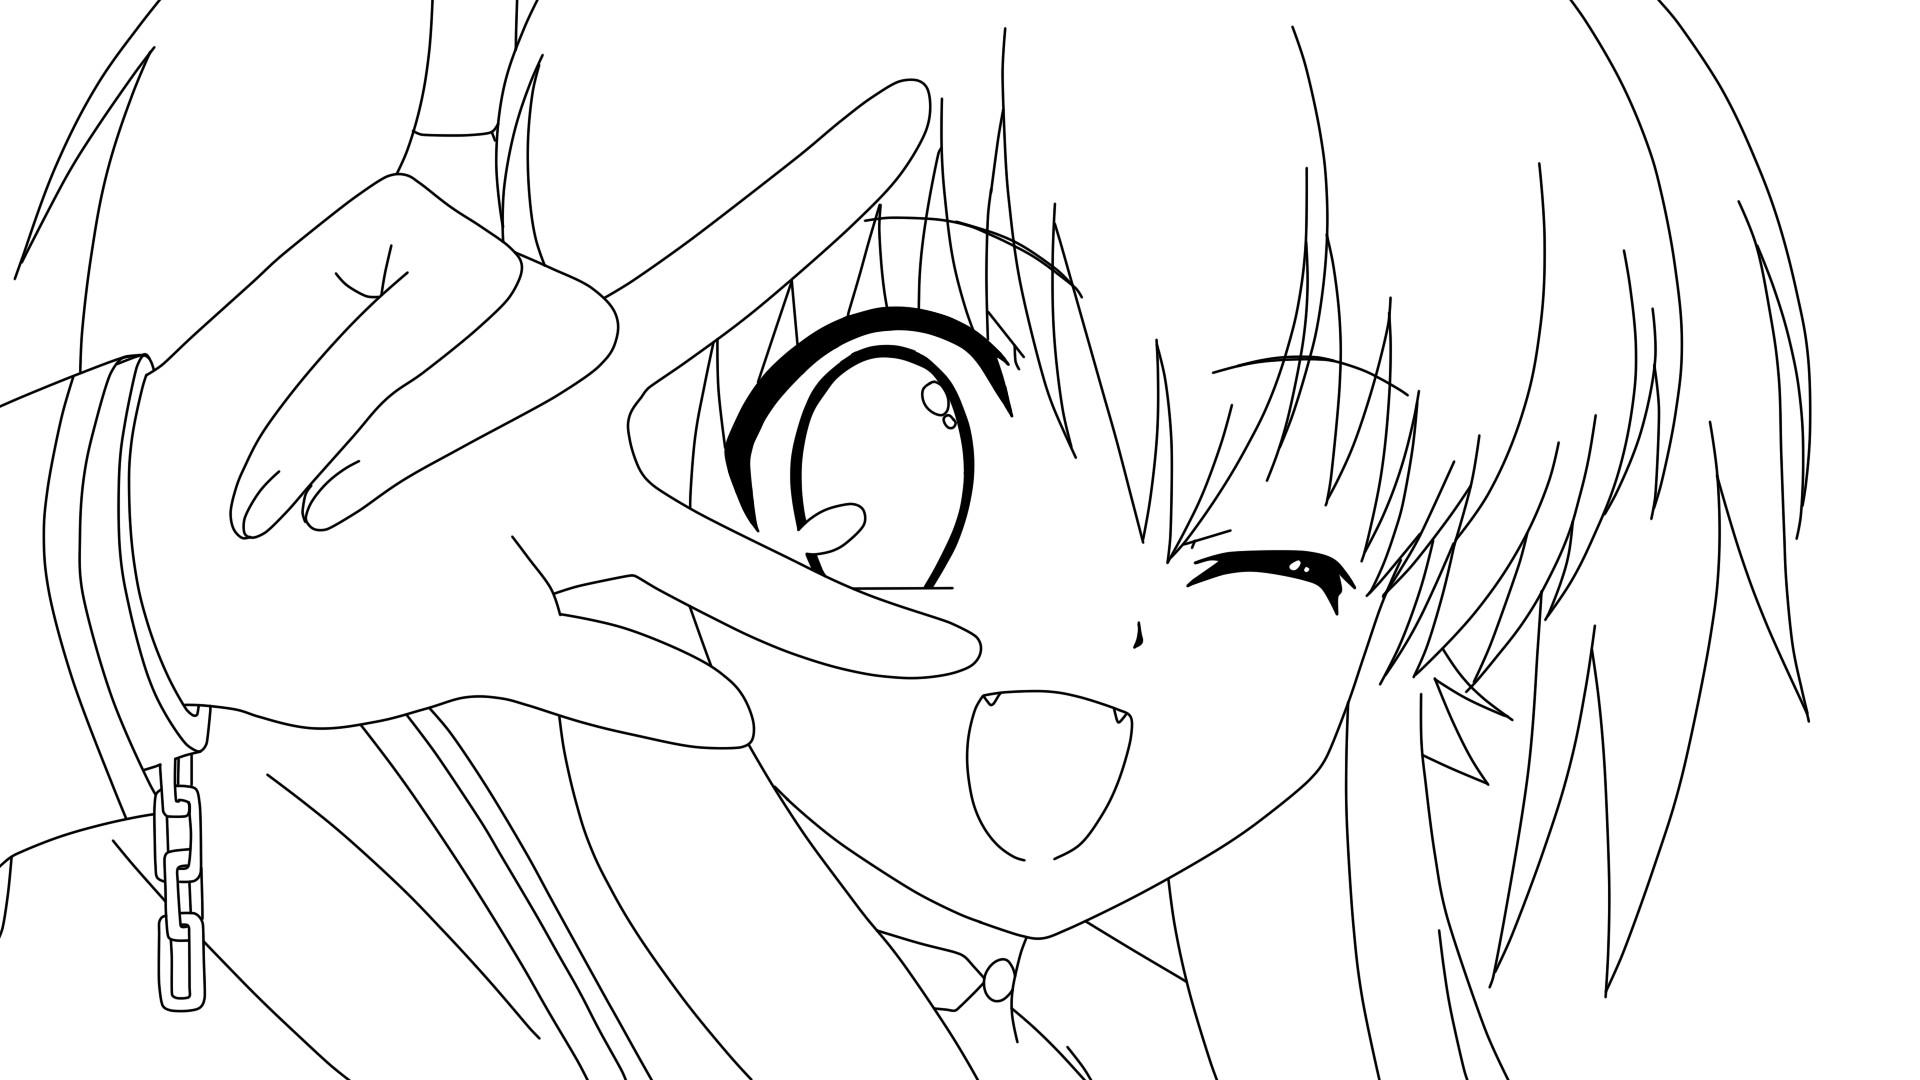 1920x1080 Kawaii Manga Anime Coloring Pages